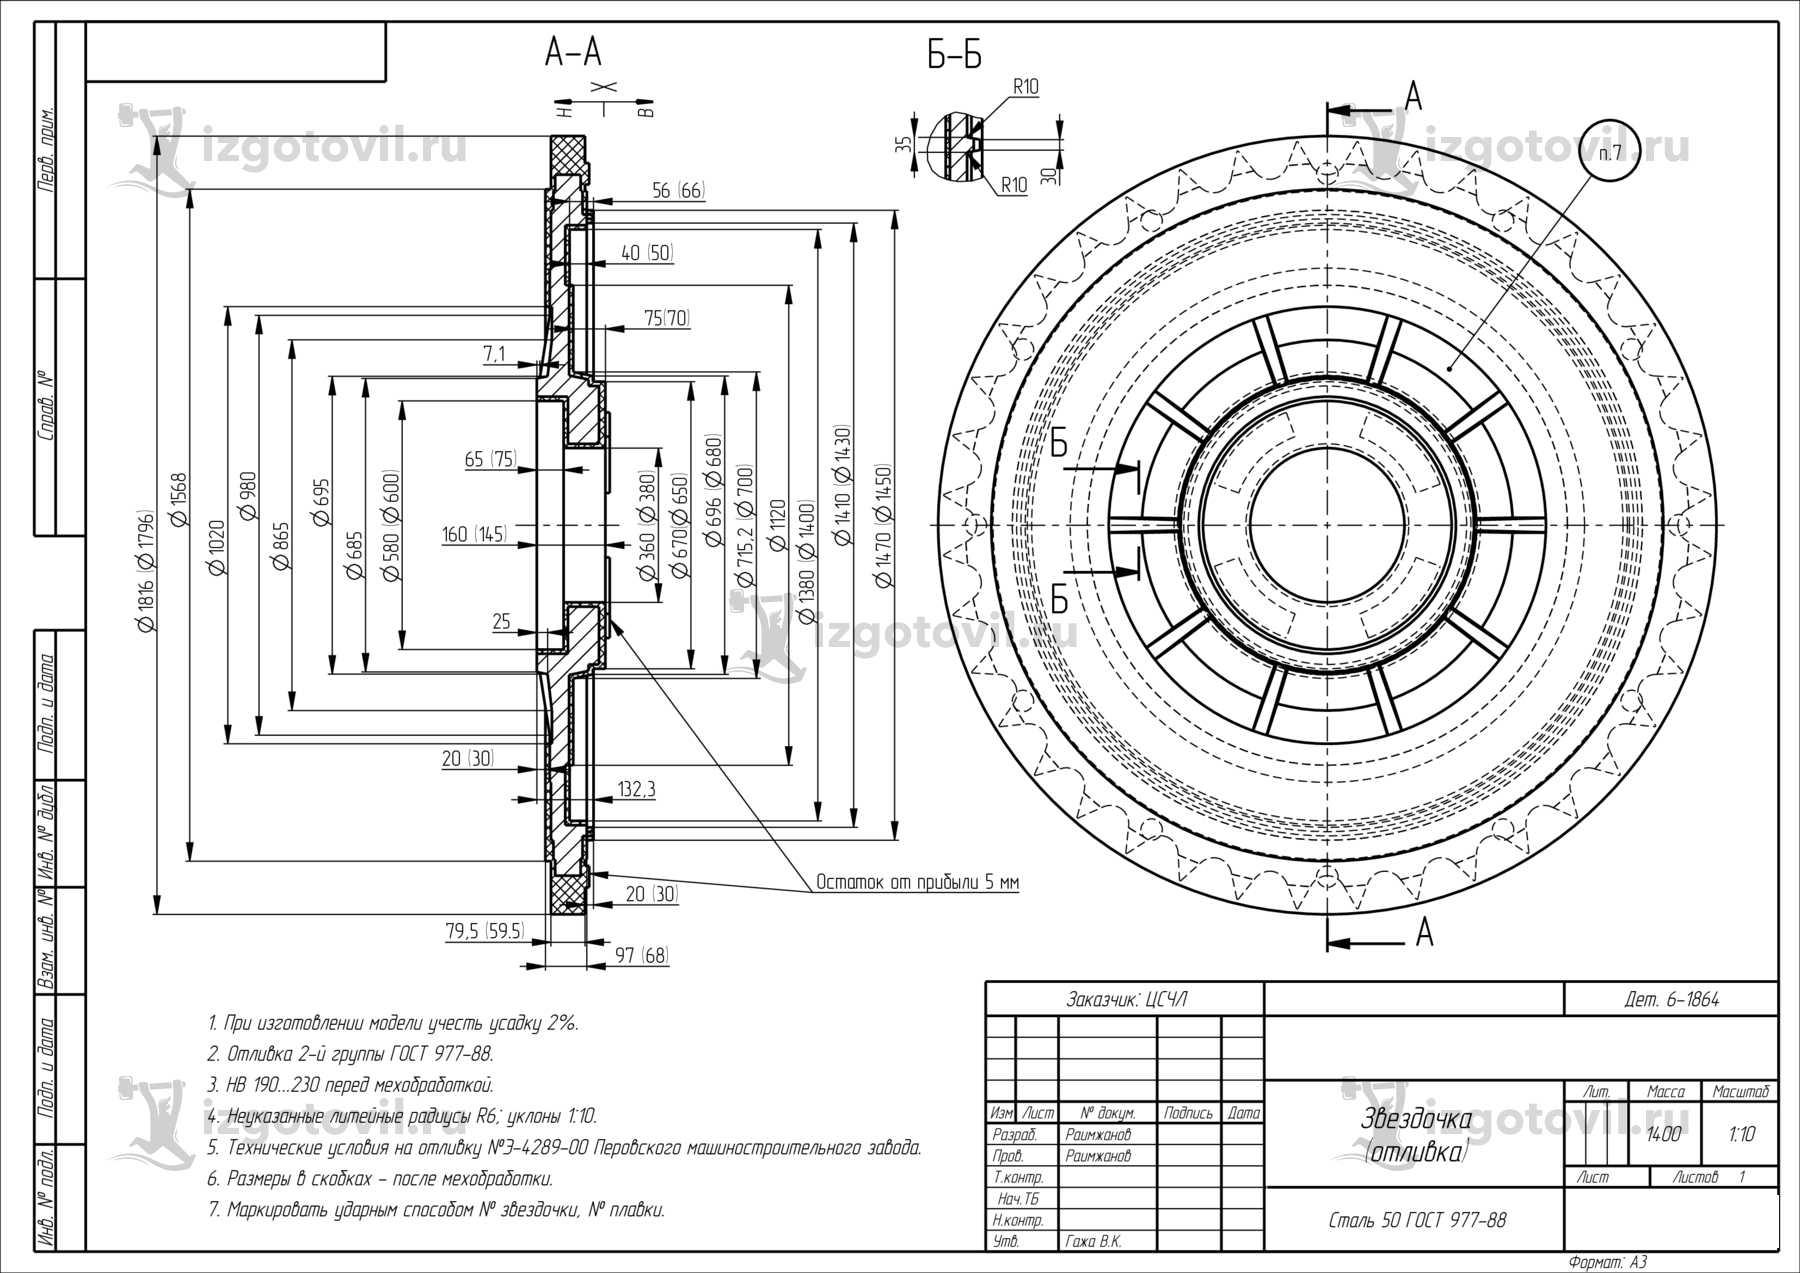 Услуги токарной обработки (токарно-карусельная обработка).